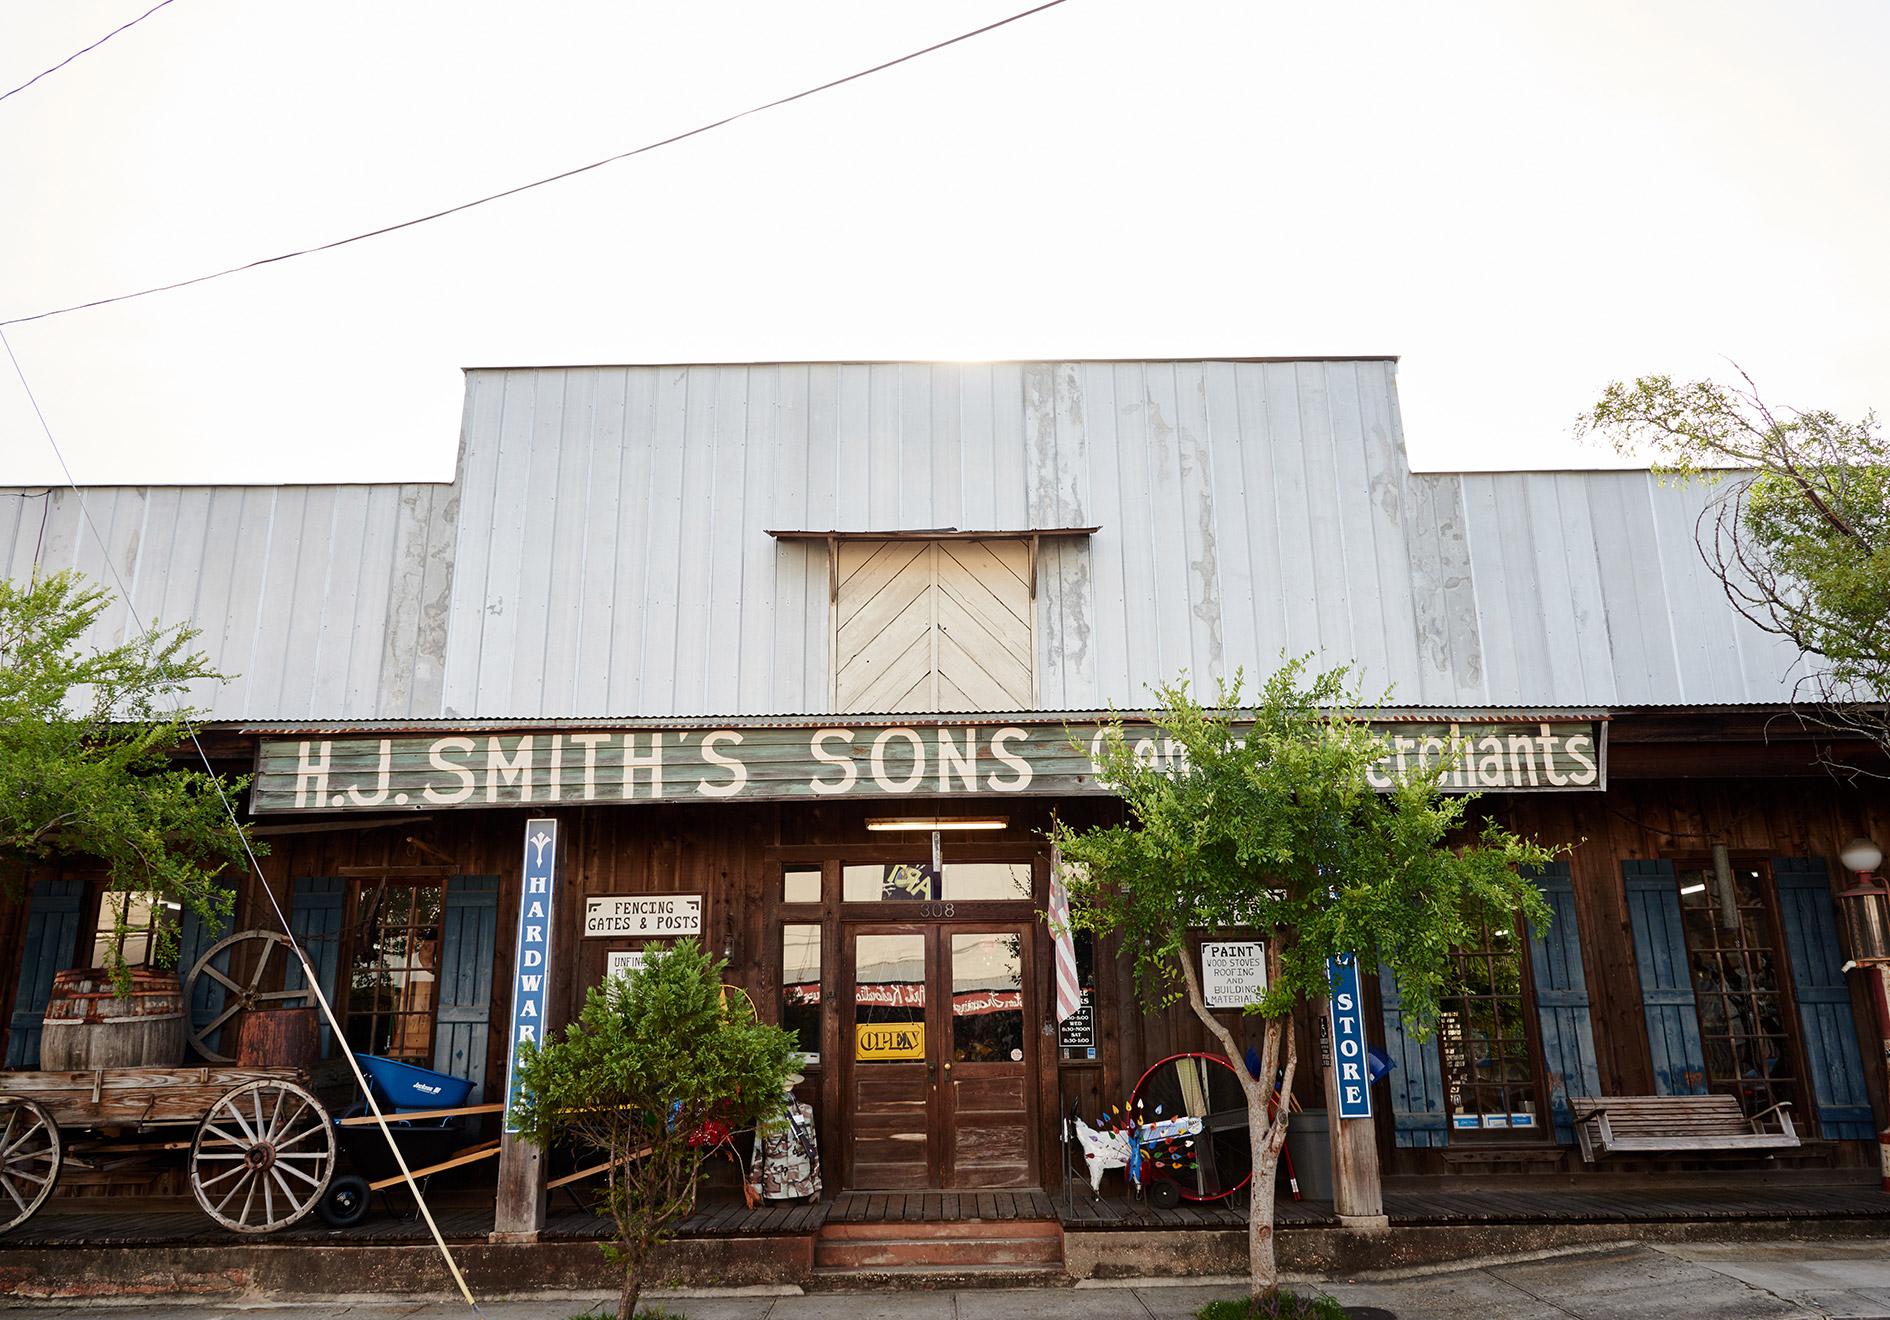 H.J. Smith's